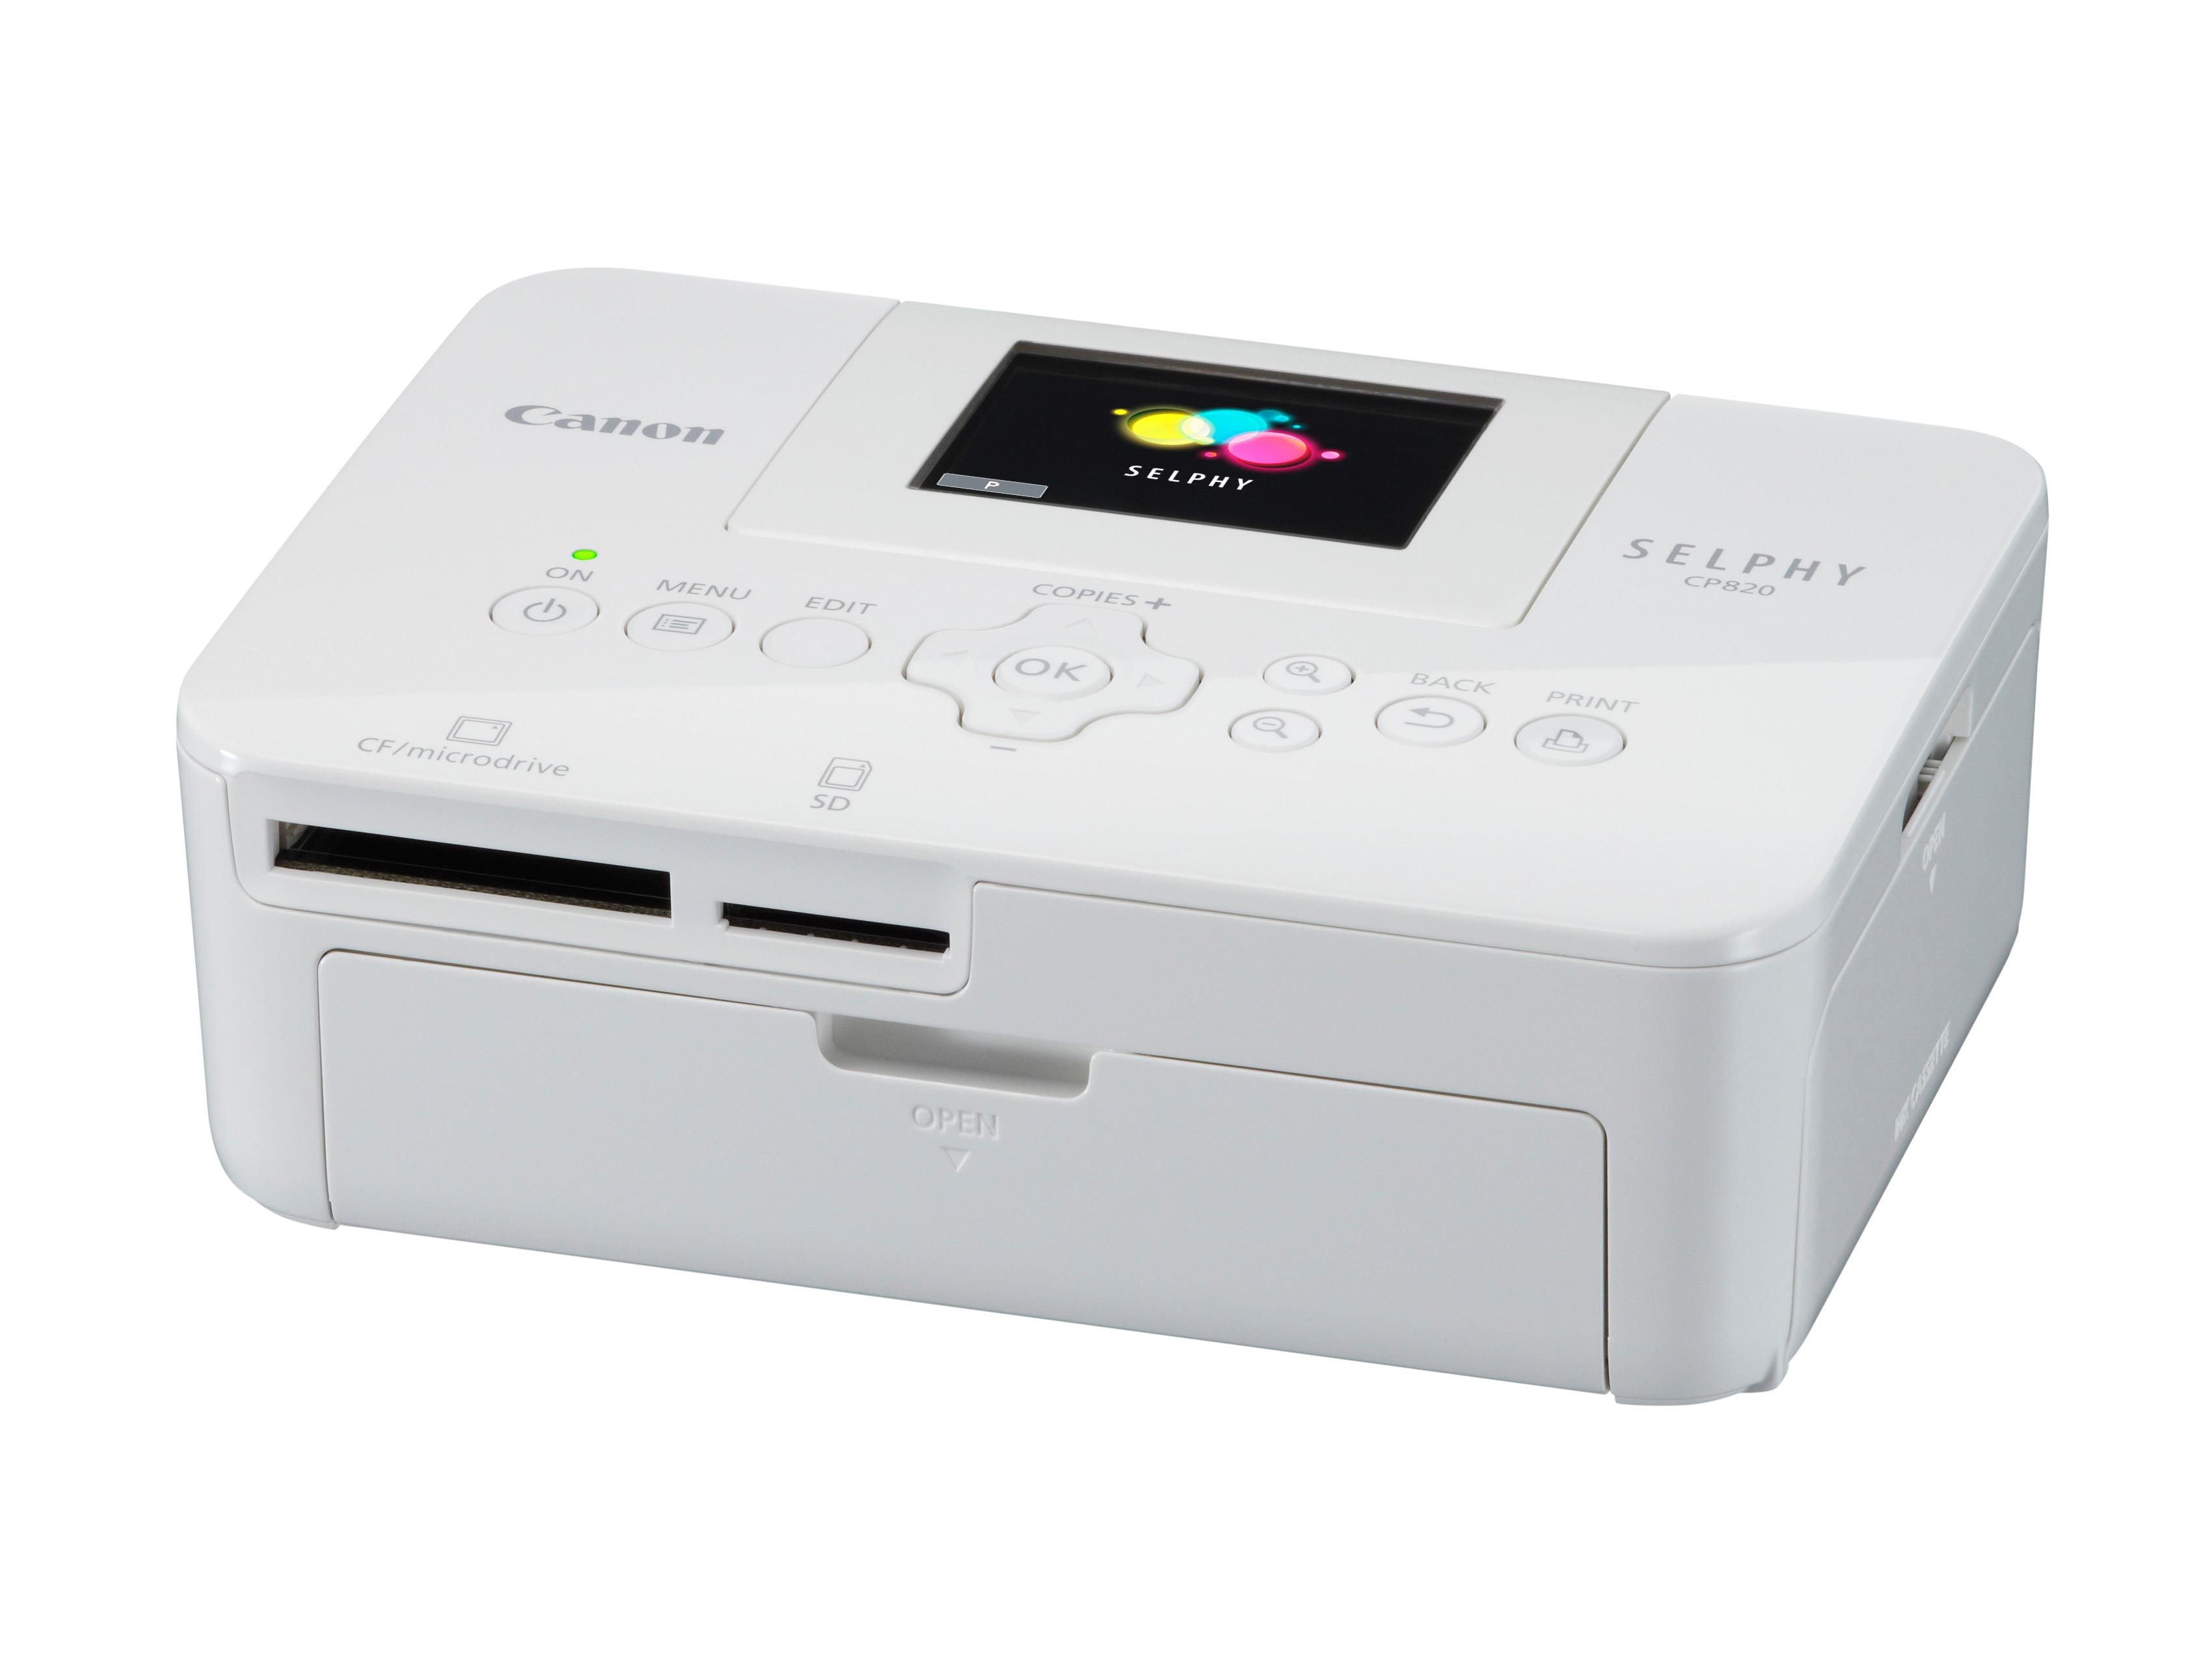 A Selphy CP820as nyomtató strapabíró, fotólabor-minőségű nyomtatás kevesebb mint egy perc alatt elvé